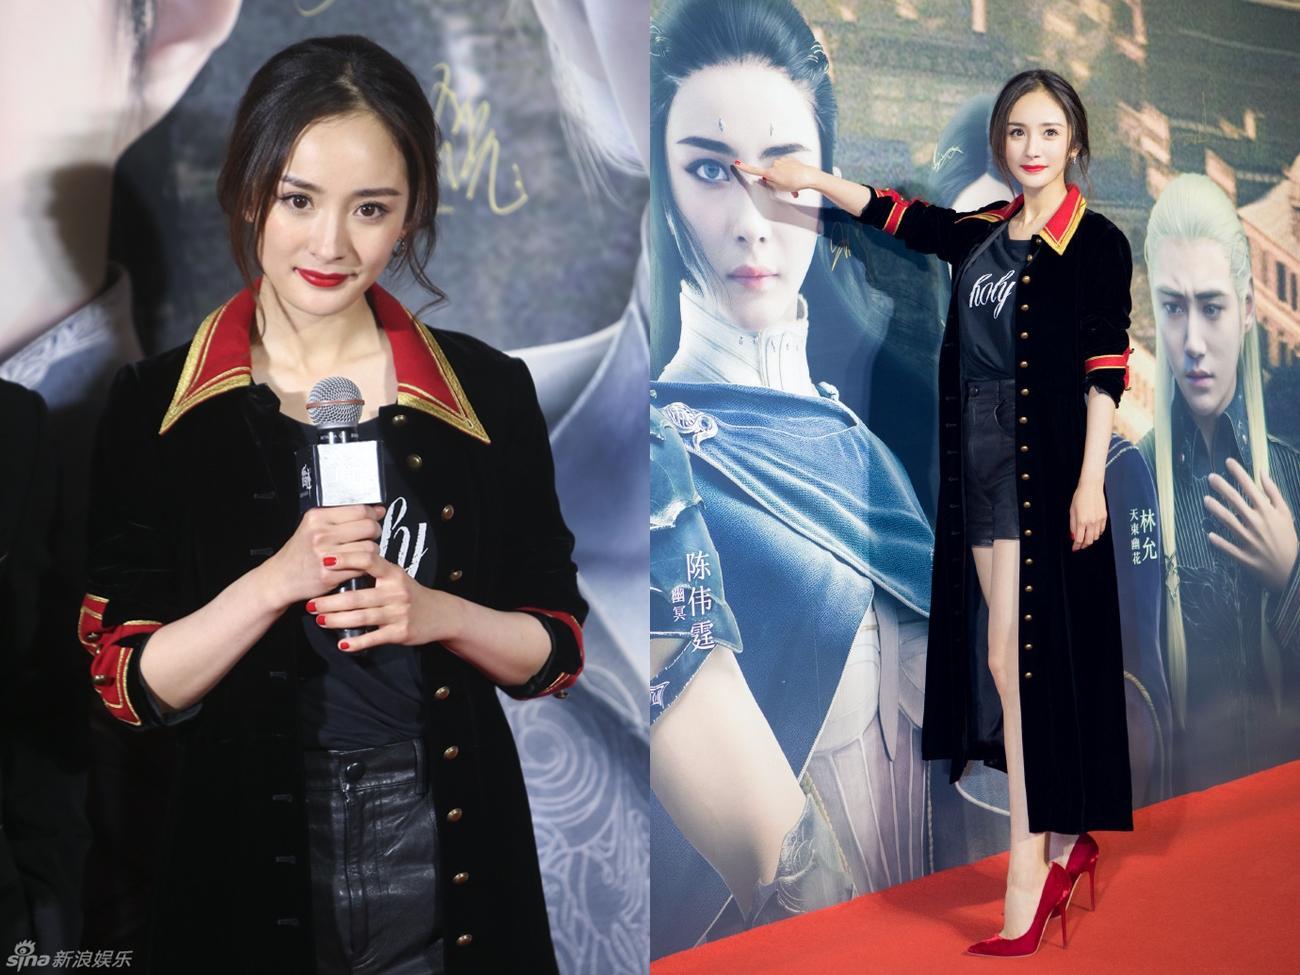 Phạm Băng Băng và Dương Mịch sẽ yêu nhau trong phim đồng tính nữ-2